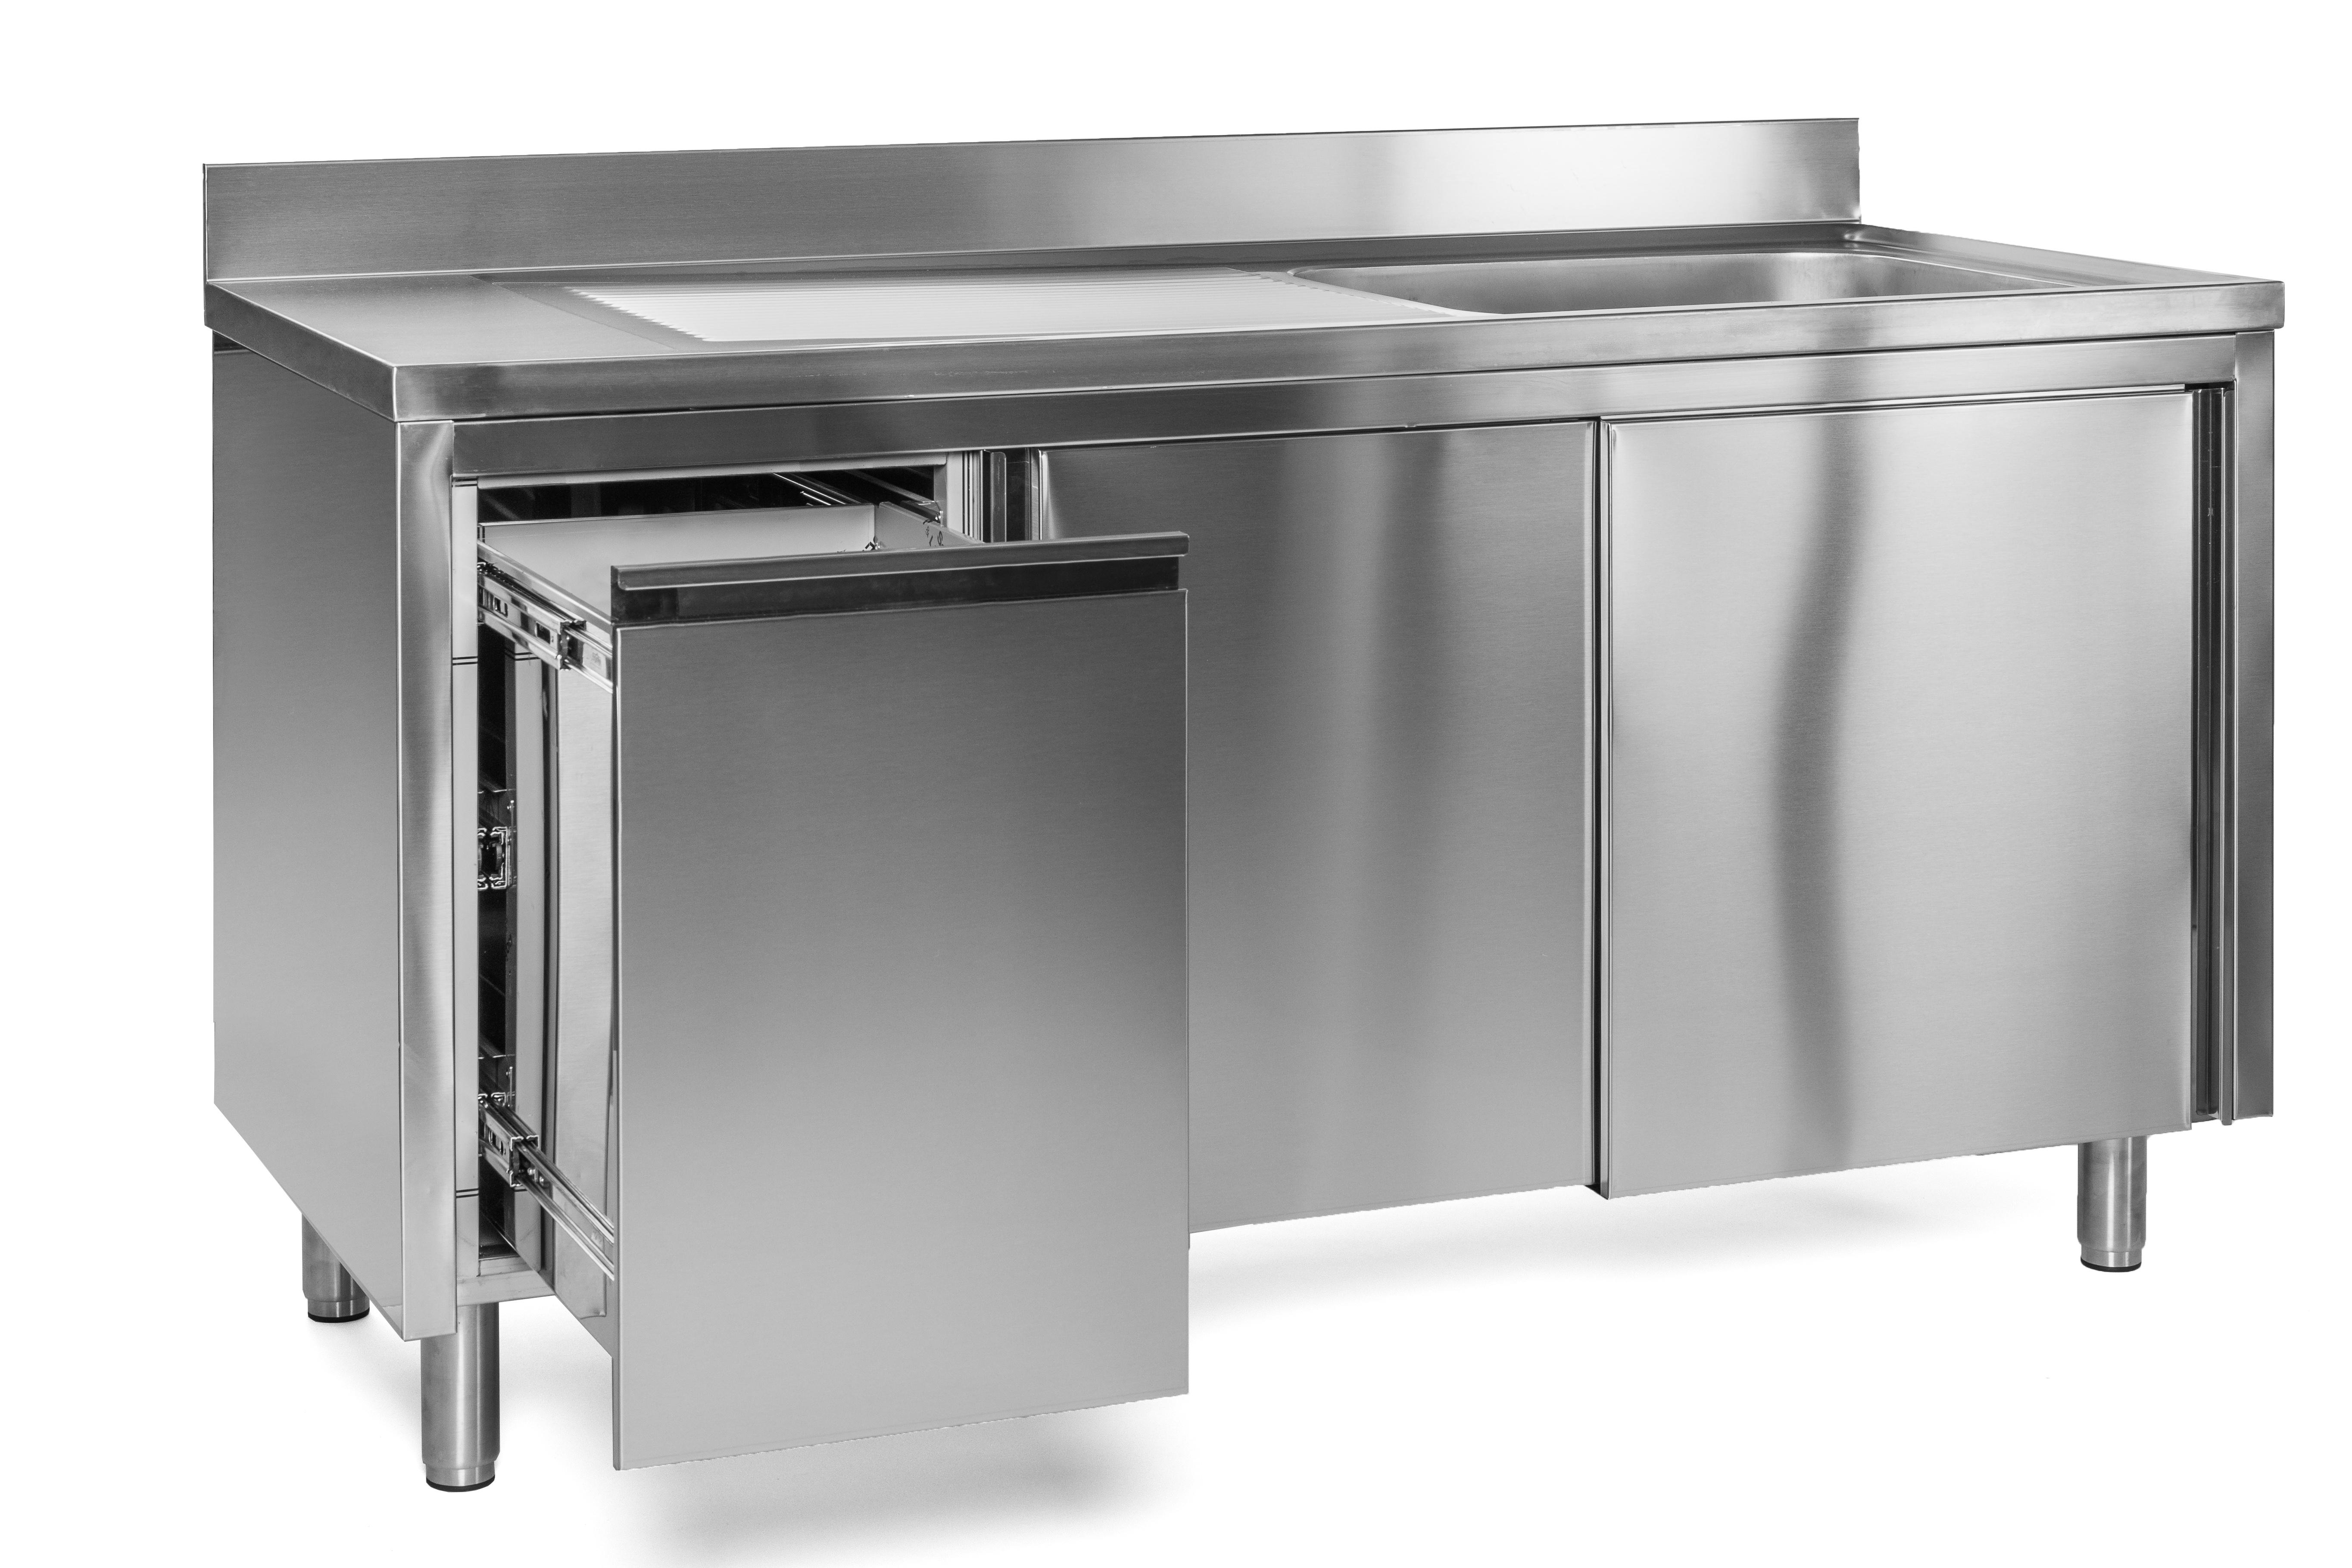 Unterkategorie - Spülschrank 1 Becken mit Abfallbehälter - 0,6 m